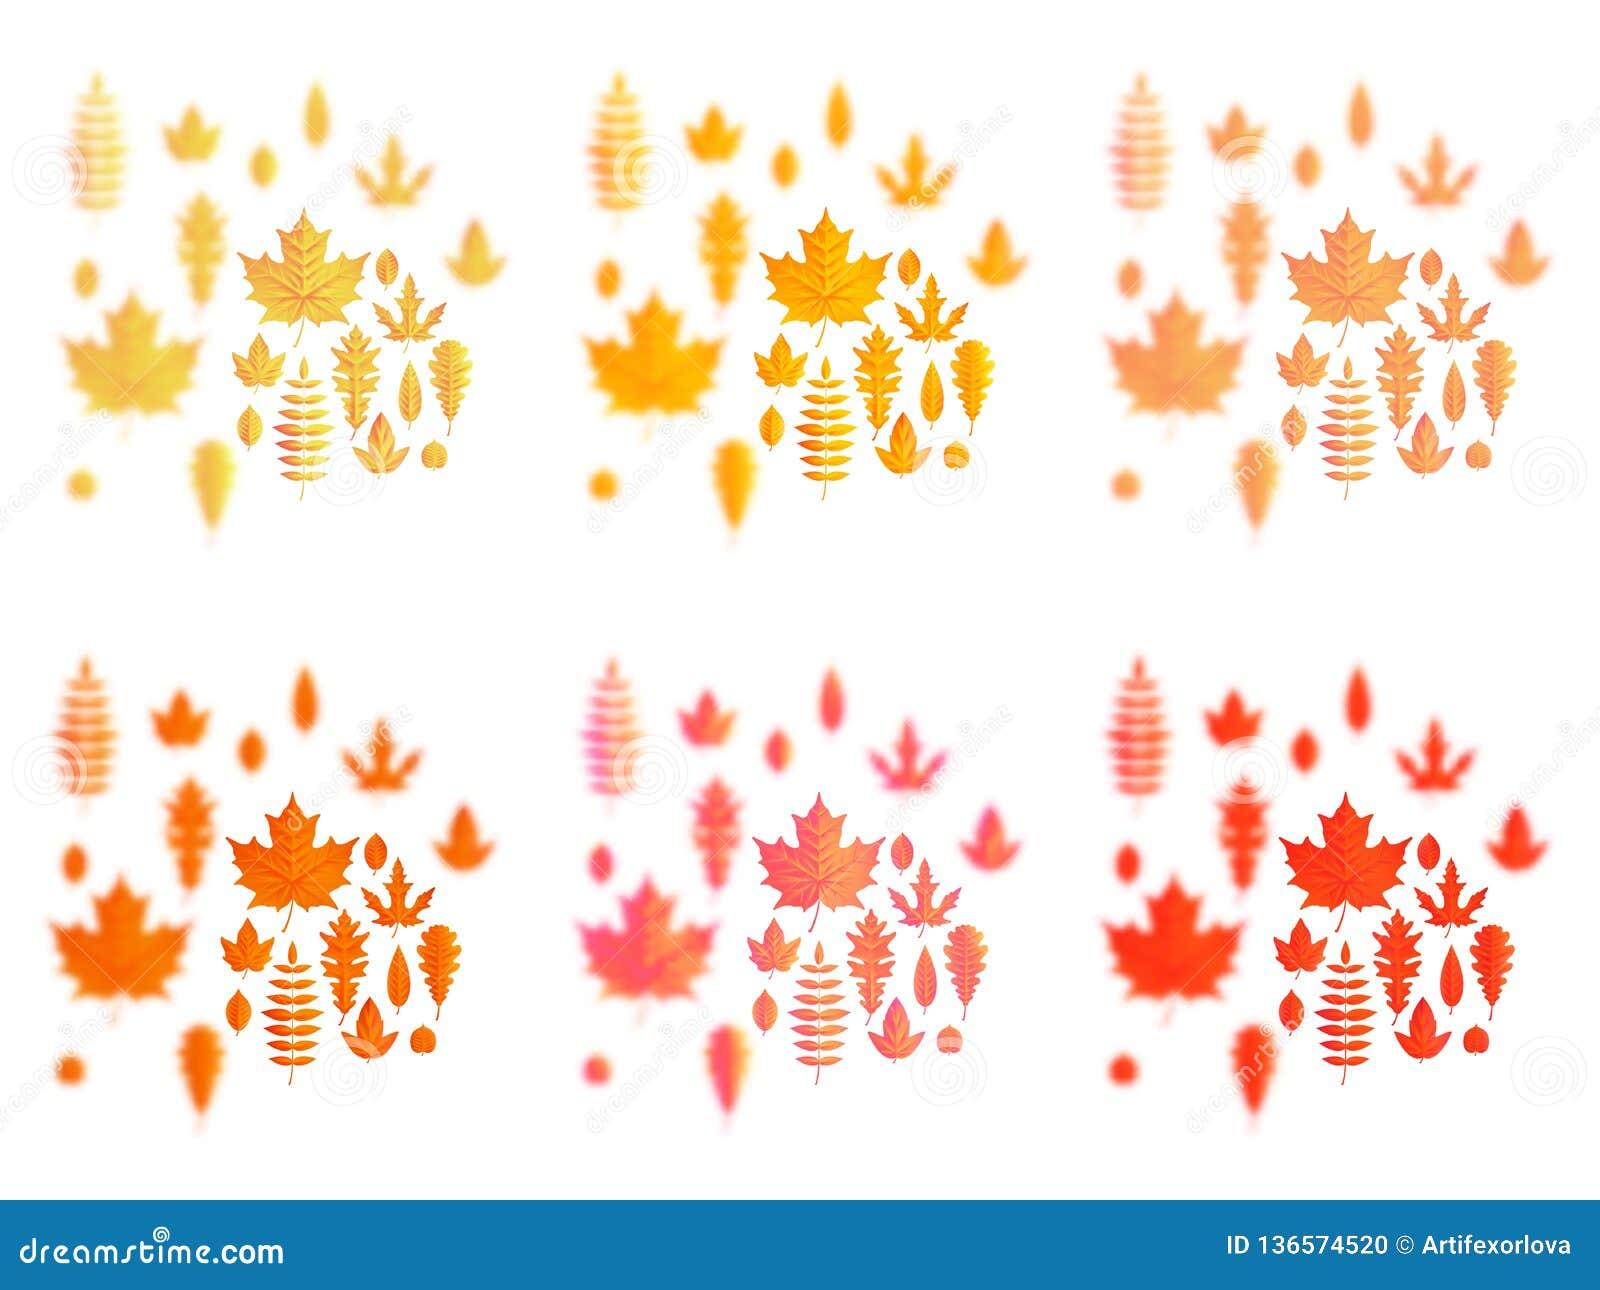 Установите листьев осени или значков листопада Клен, дуб или береза и лист дерева рябины Падая тополь, бук или вяз и